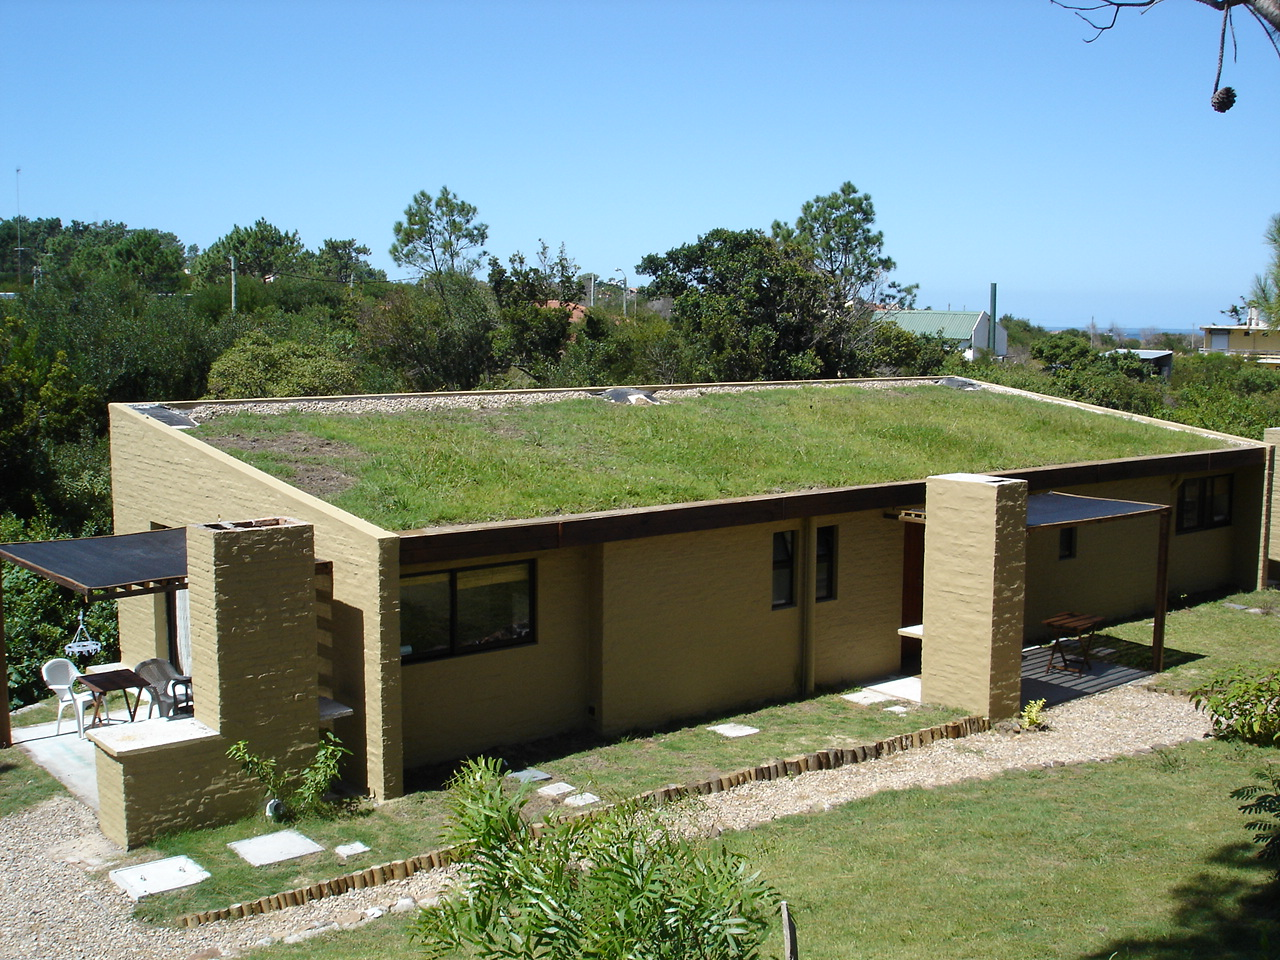 Arquitectura directa sustentabilidad ecolog a y for Figuras para techos de casas